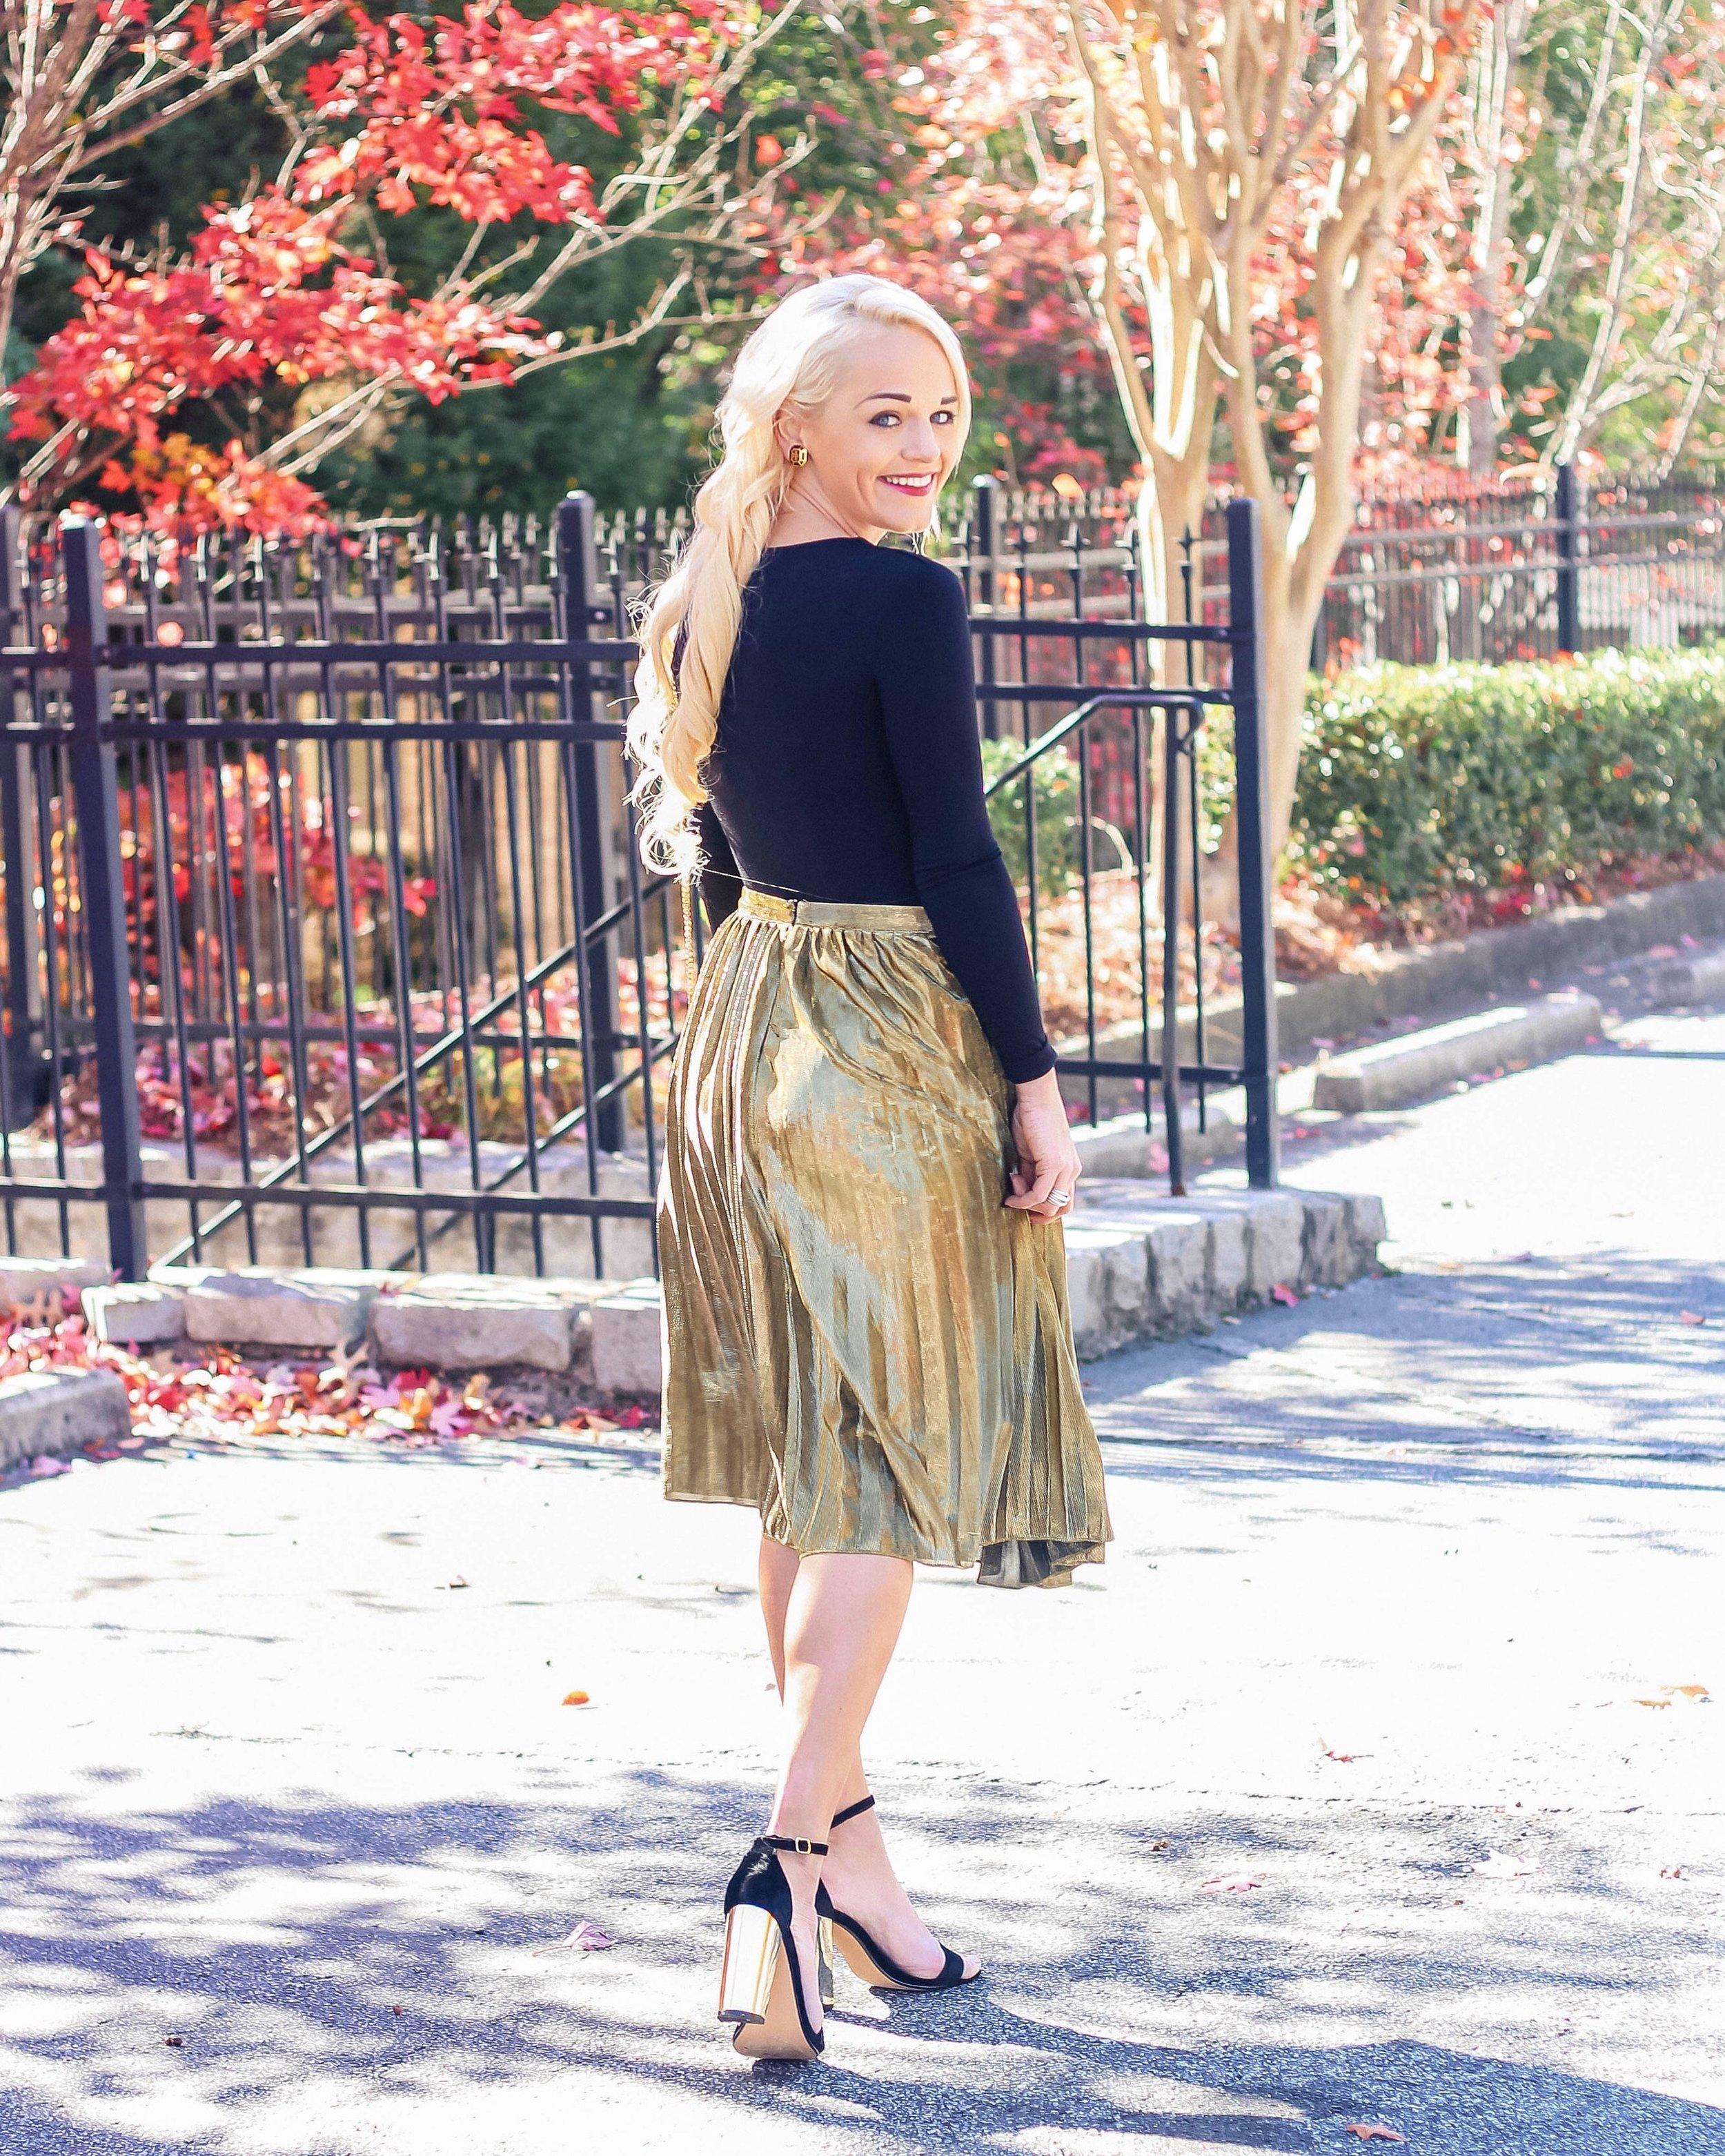 @urban.blonde